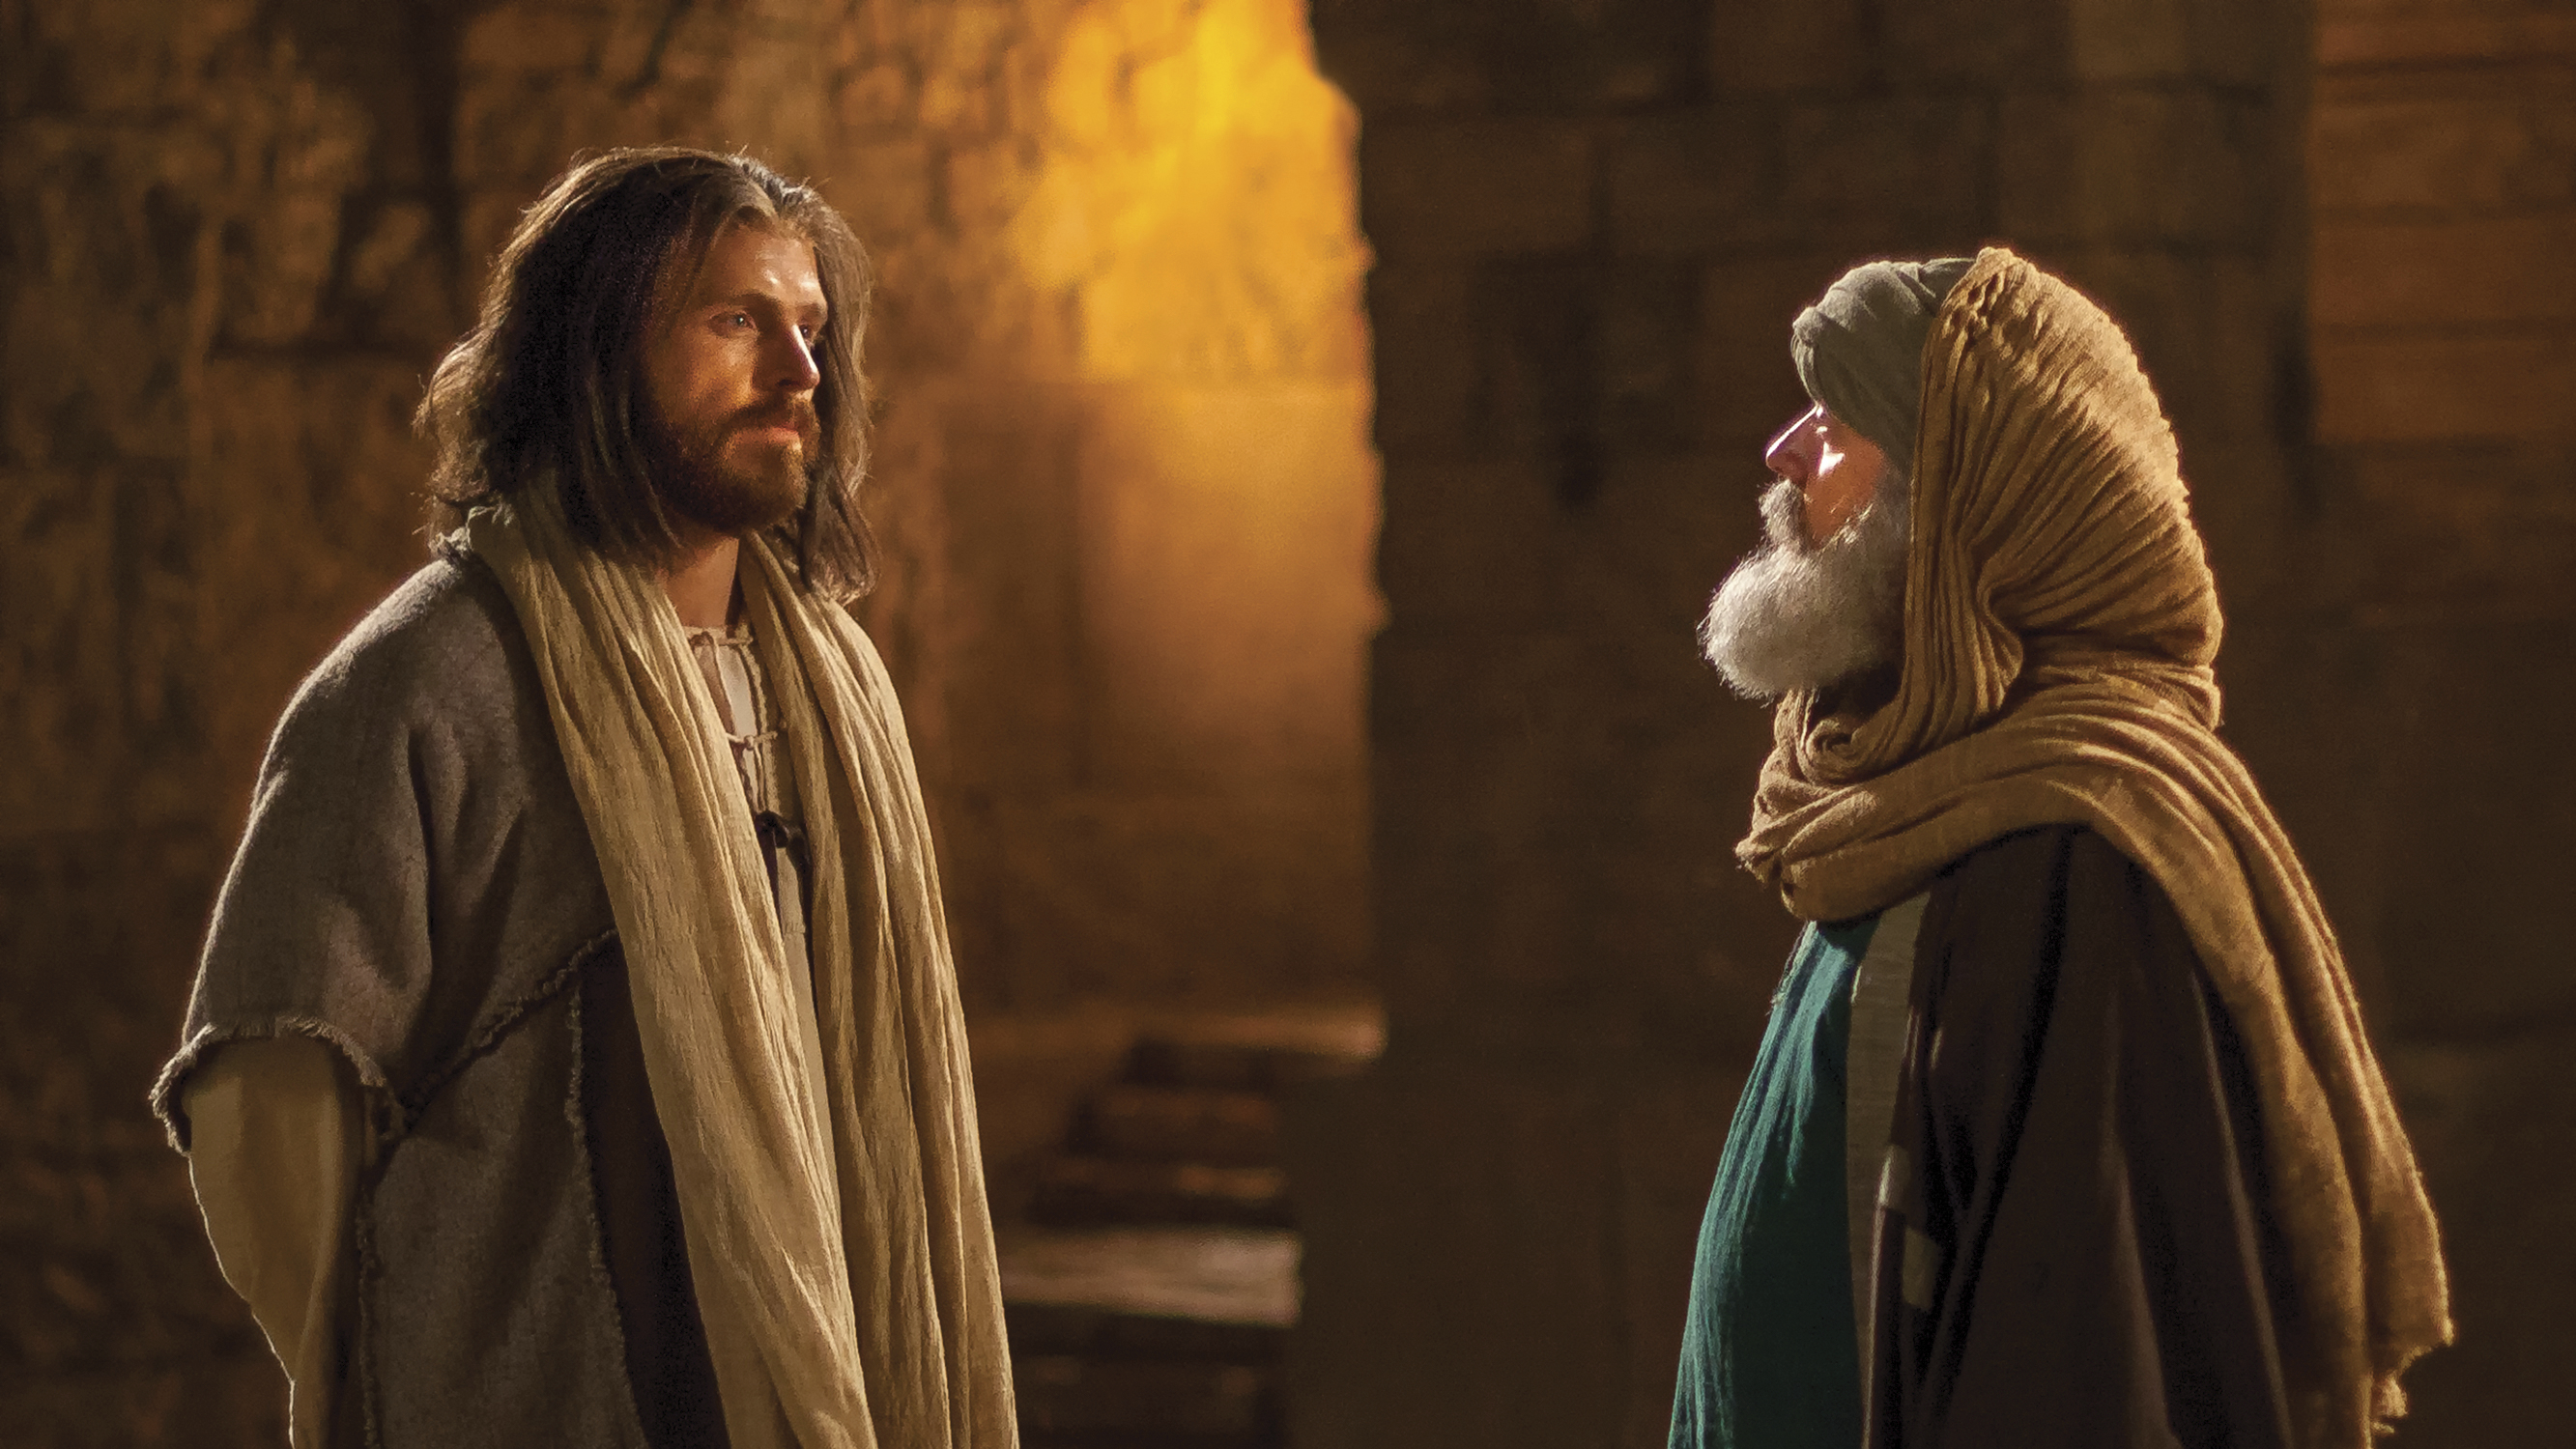 Jesus speaking with Nicodemus.